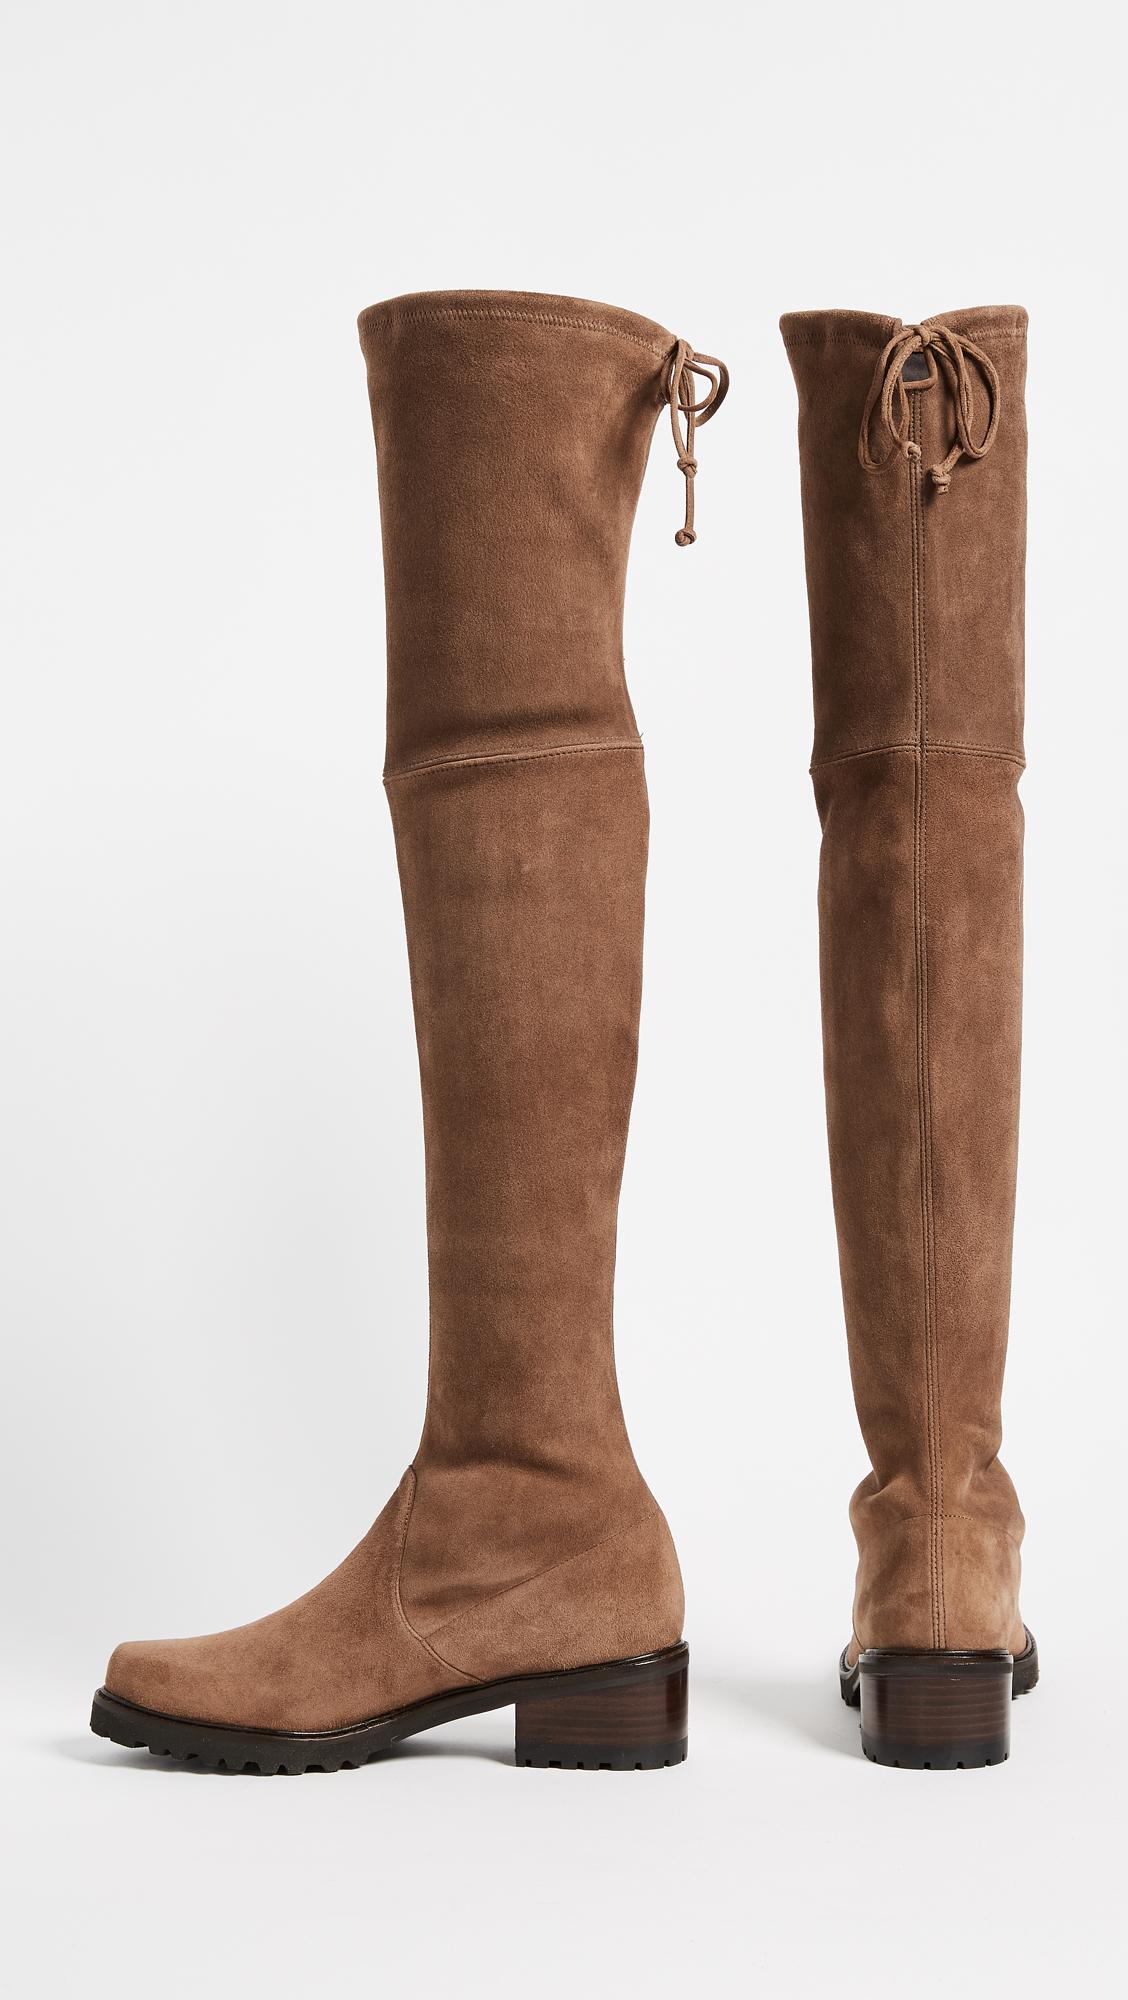 1b168522b5c Stuart Weitzman Vanland Over the Knee Boots